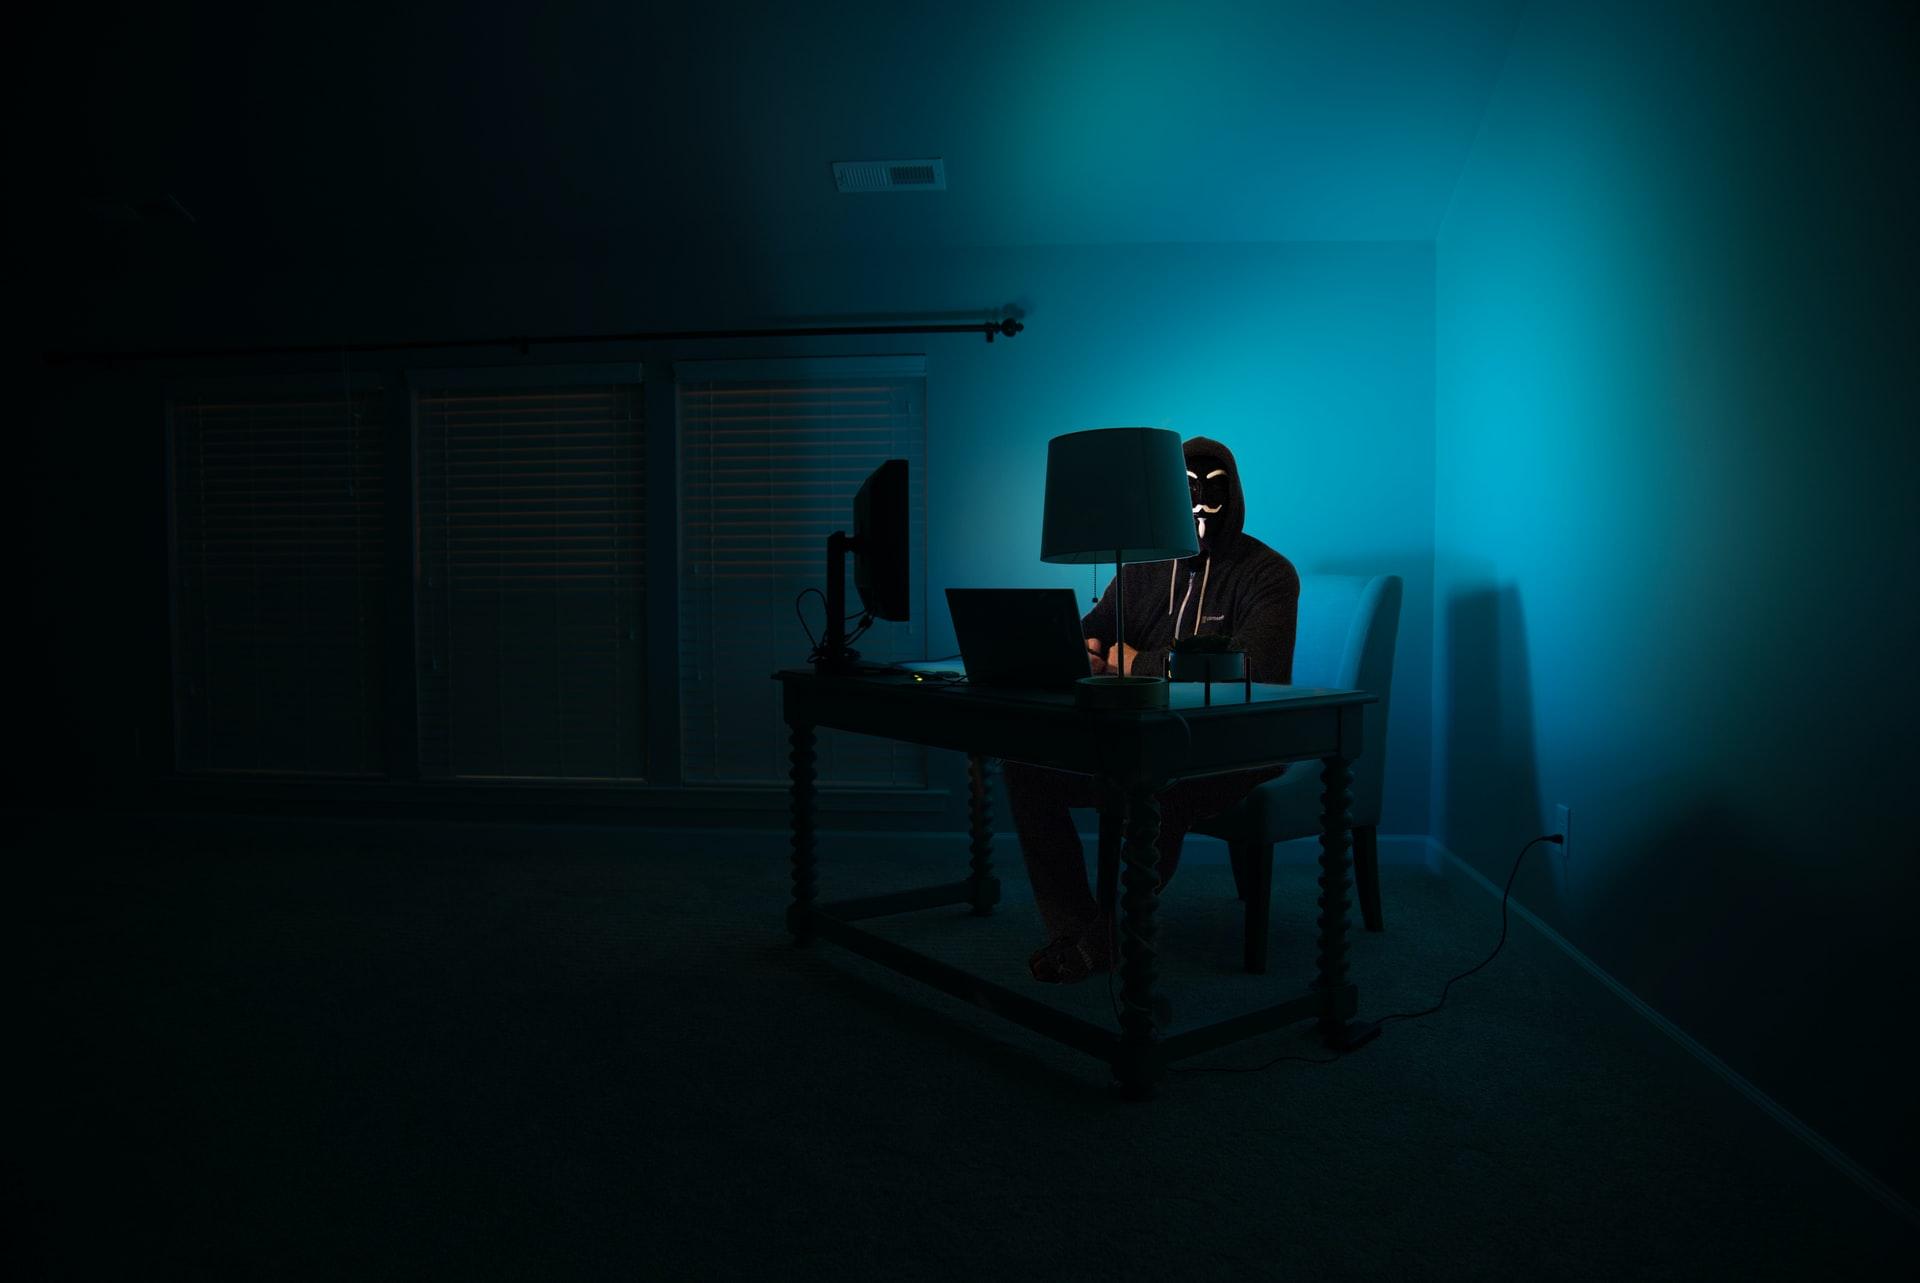 Grootste darknet markt offline, vermoedelijk exit scam